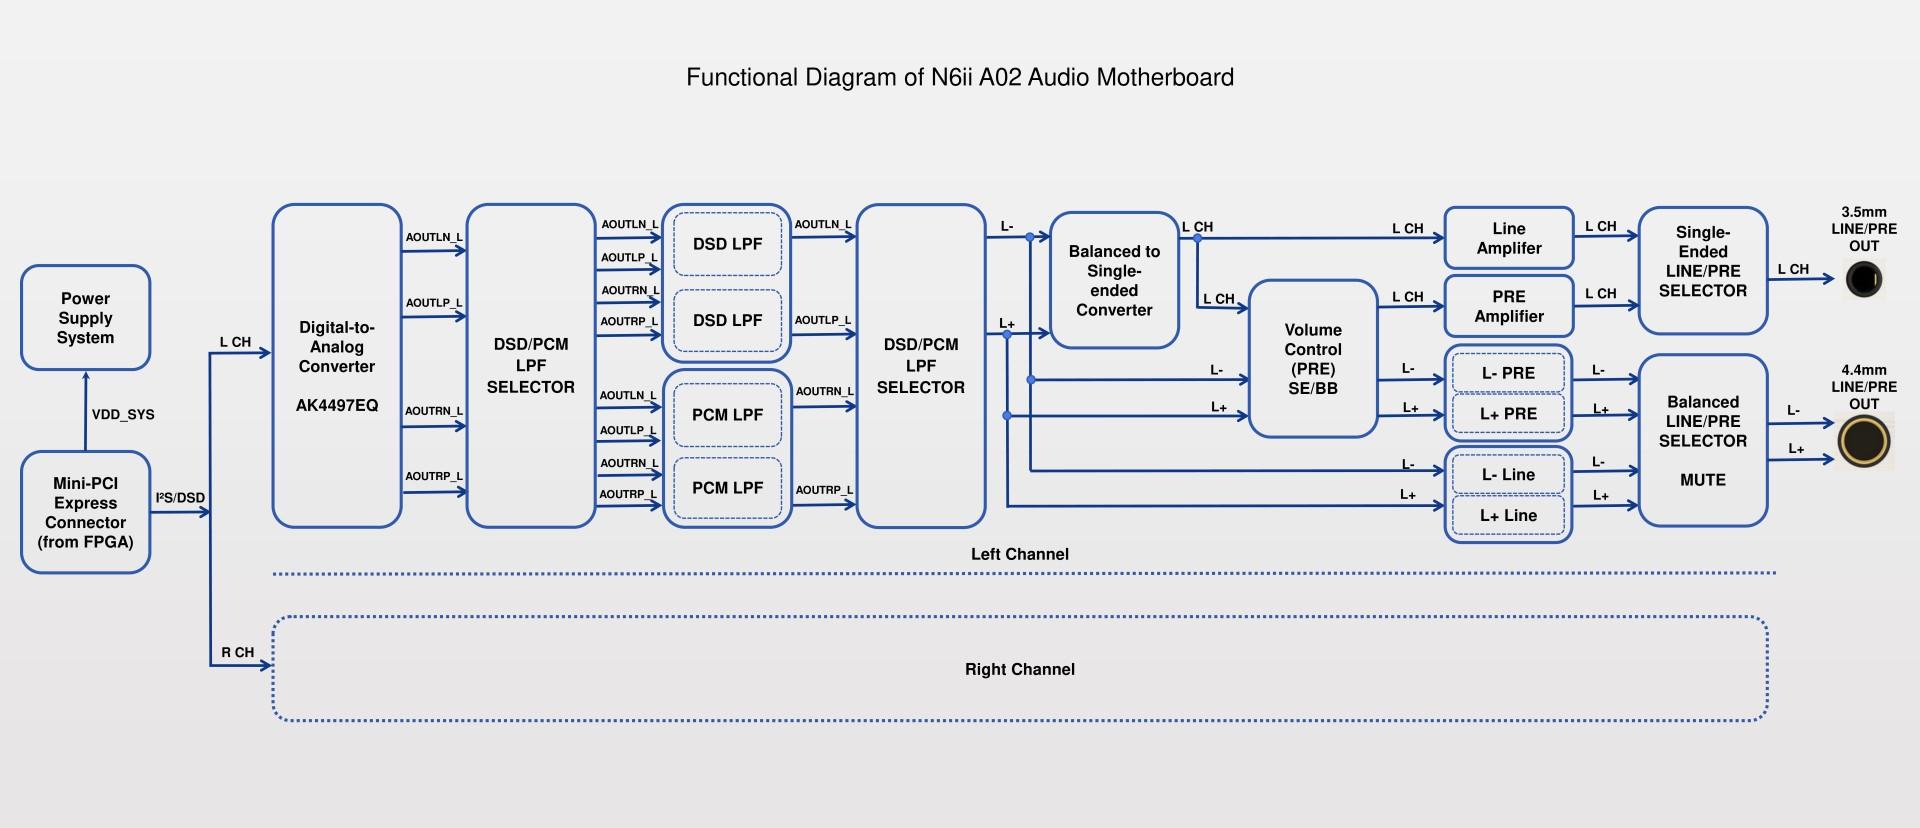 N6ii A02 Functional Diagram.jpg